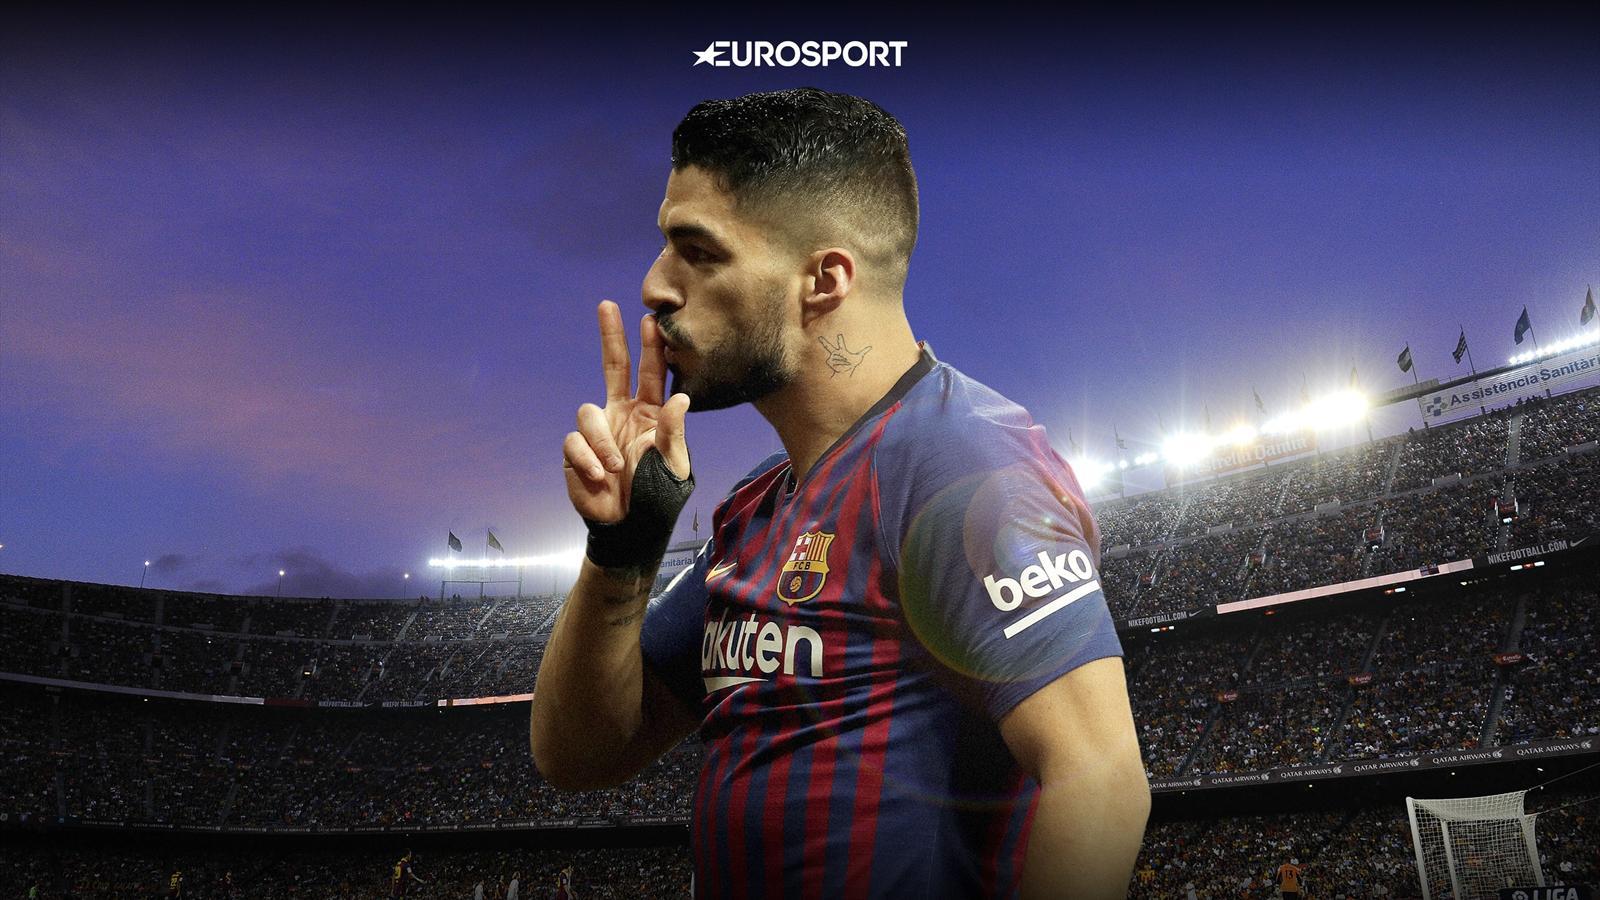 Суарес зарешал в Класико. Но «Барселоне» точно стоит задуматься о его замене